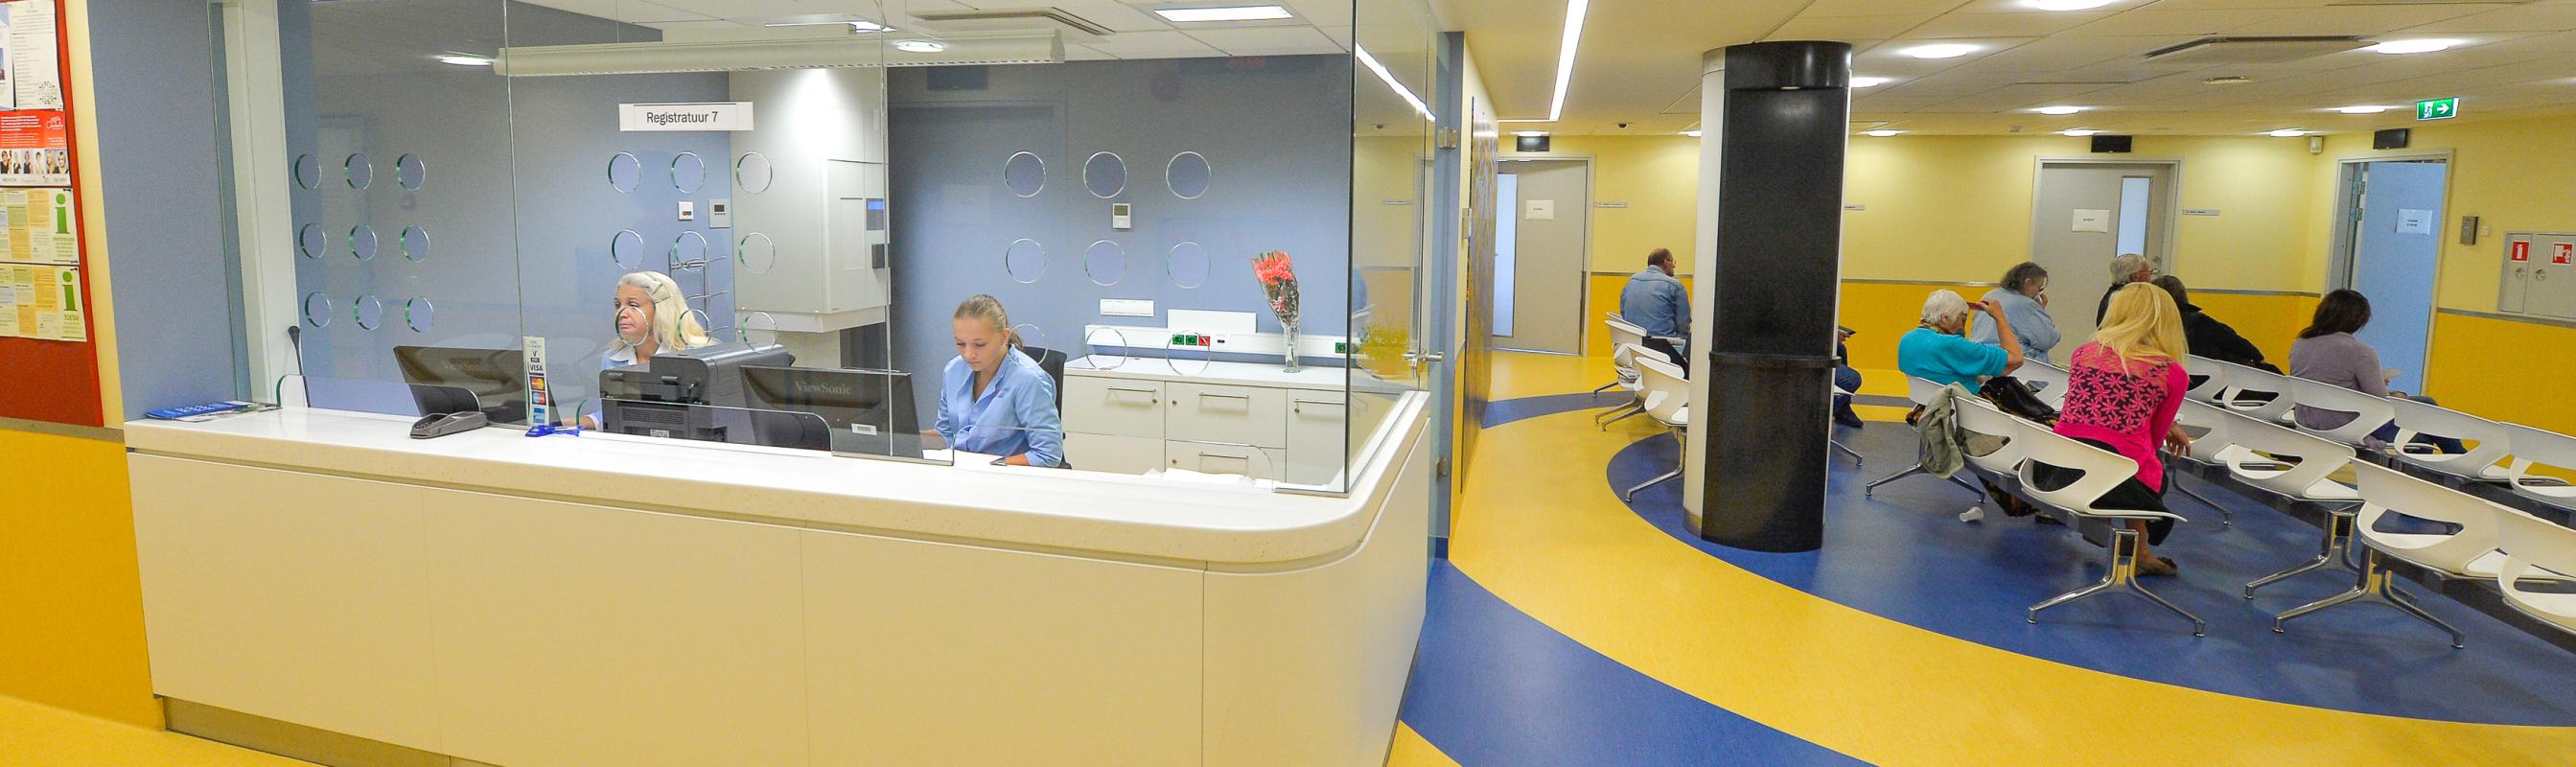 Детская поликлиника 3 нижневартовск 9 участок